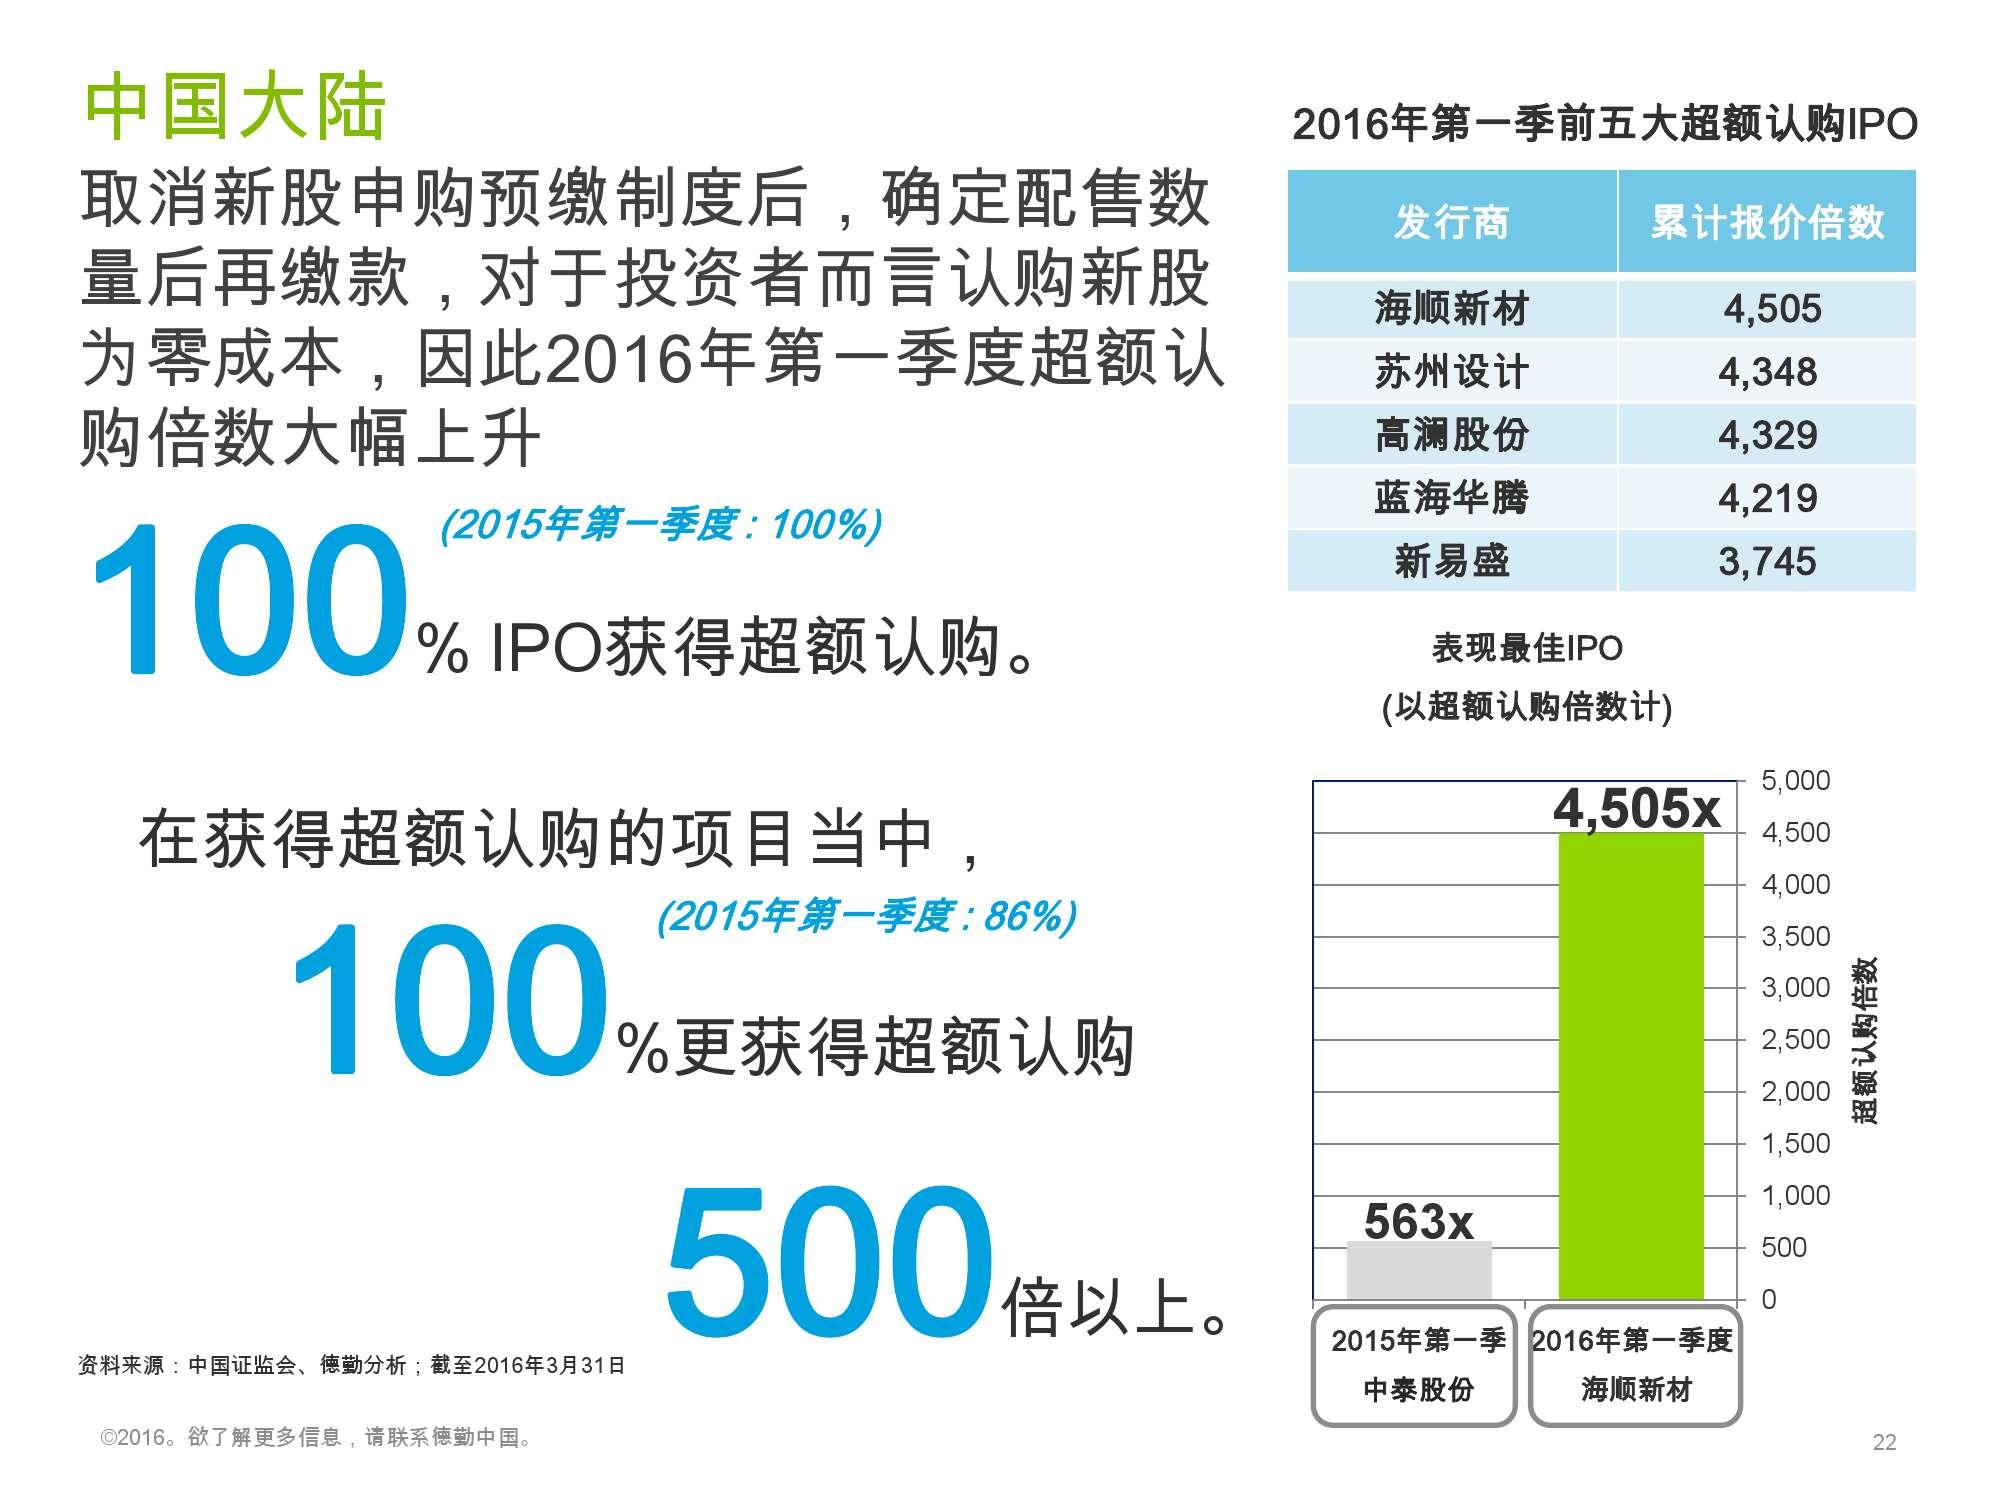 香港及中国大陆IPO市场2016年1季度_000022